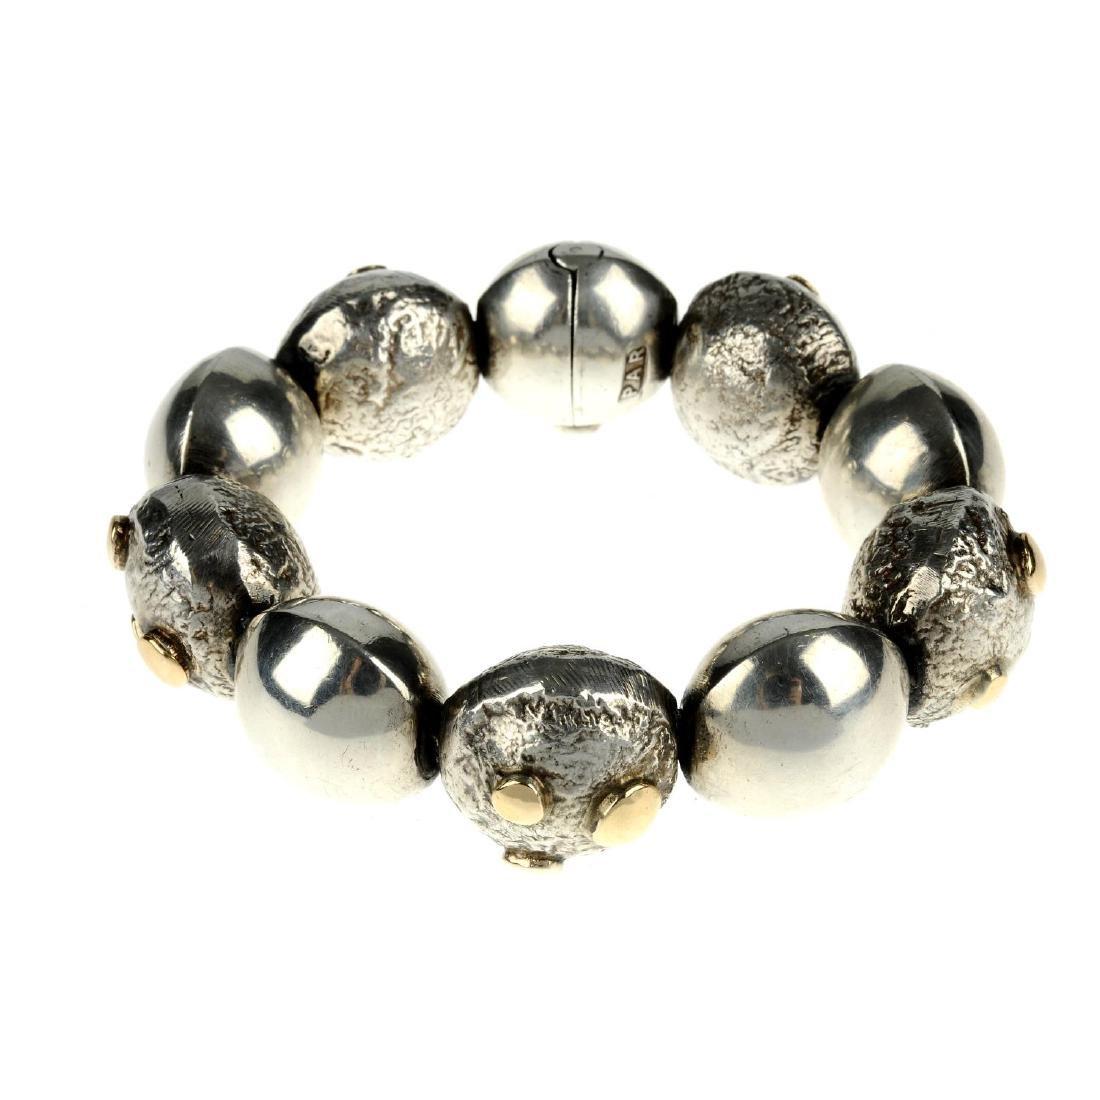 A silver bracelet. Designed as ten circular beads,